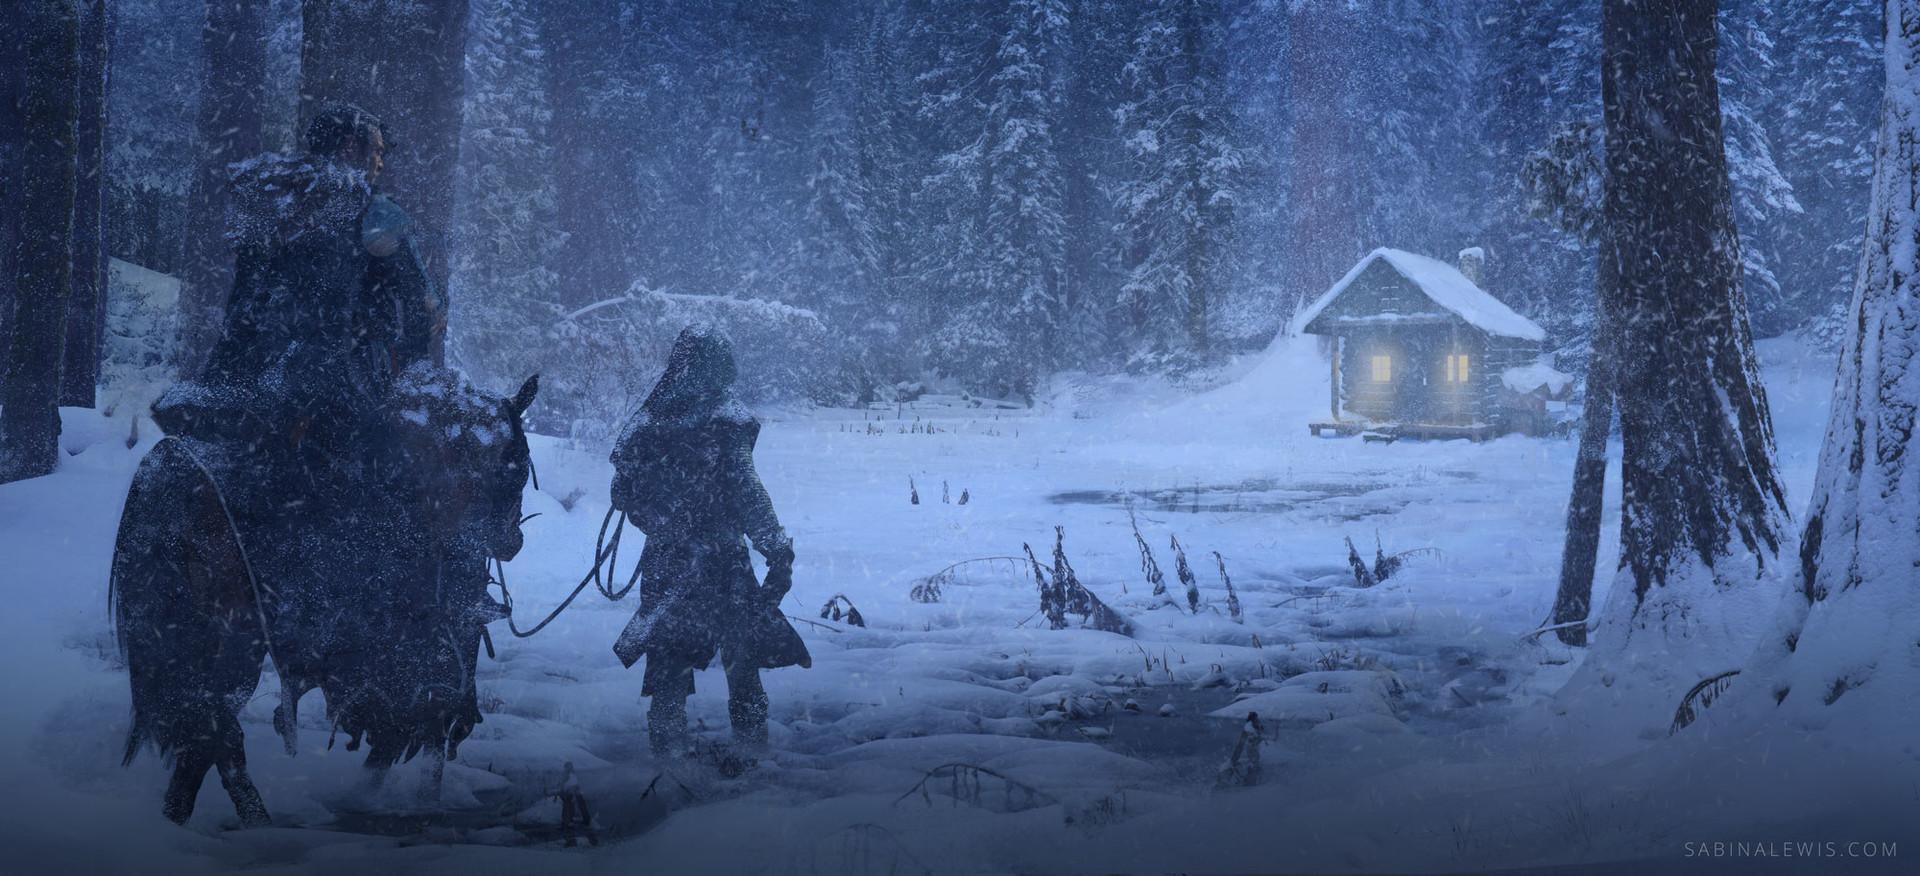 Sabina lewis snowyforest final